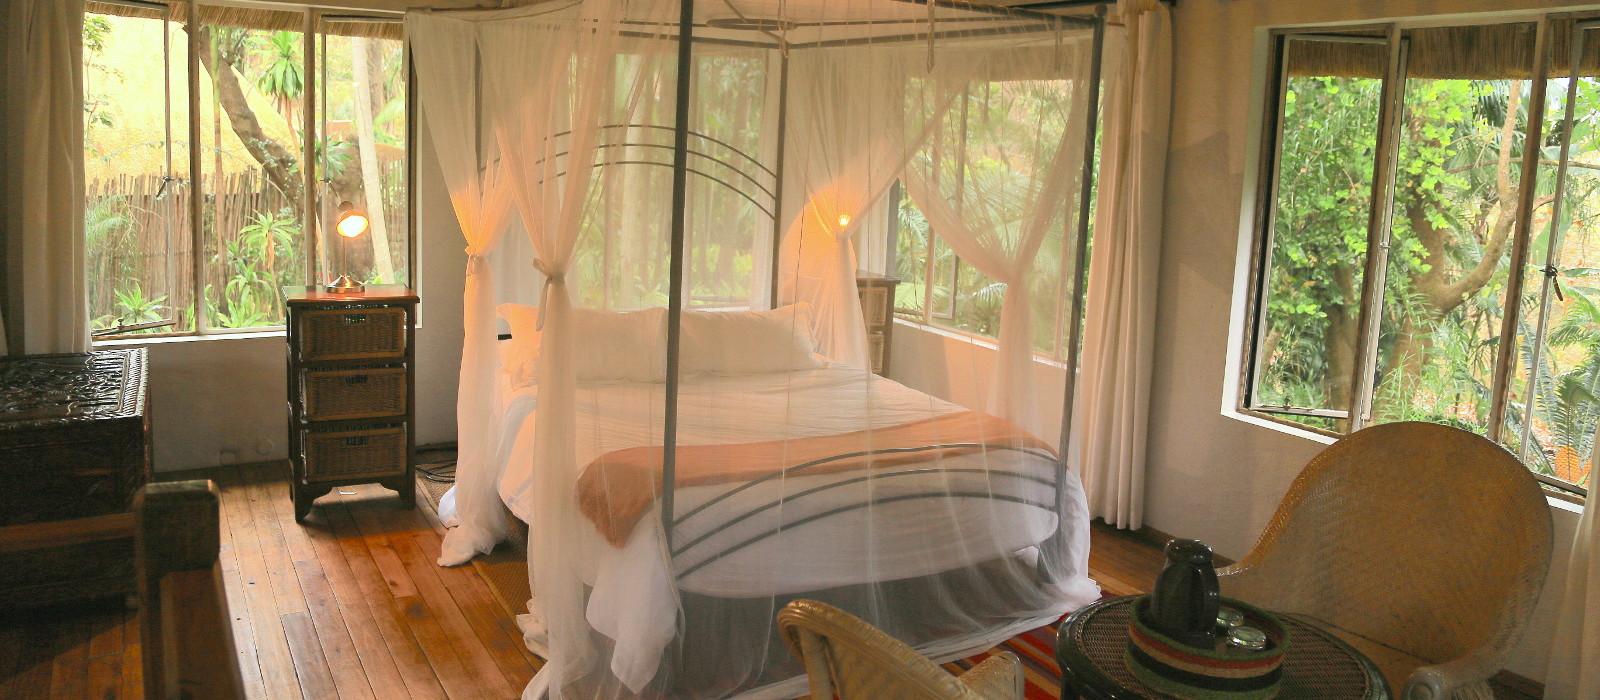 Hotel Phophonyane Falls Lodge Swaziland